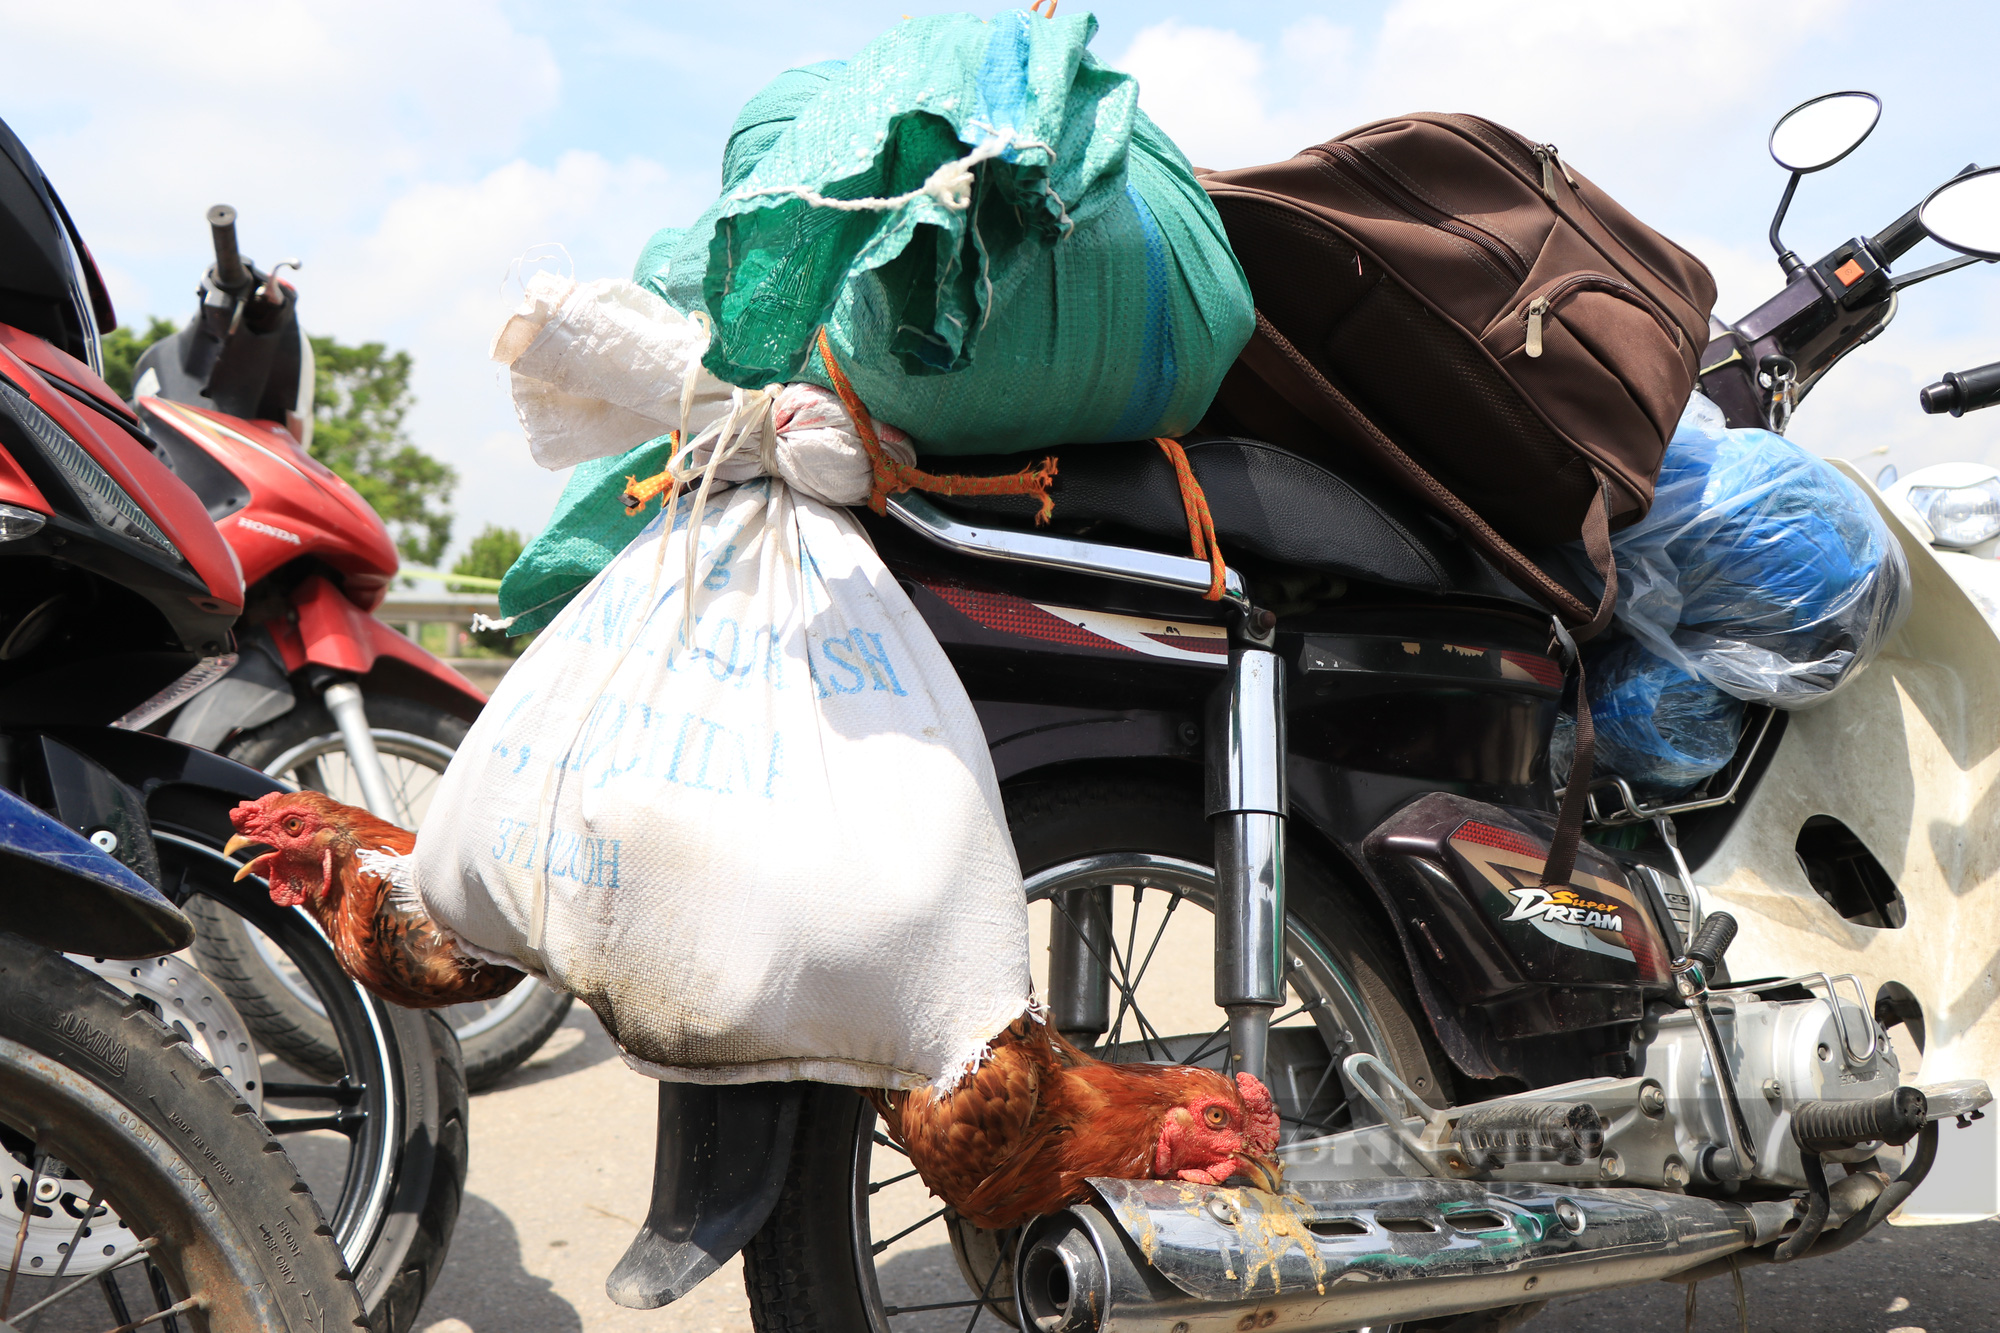 Trẻ nhỏ ngủ gục, đội nắng theo chân cha mẹ vượt hành trình hàng trăm km ra Hà Nội kiếm kế sinh nhai - Ảnh 5.